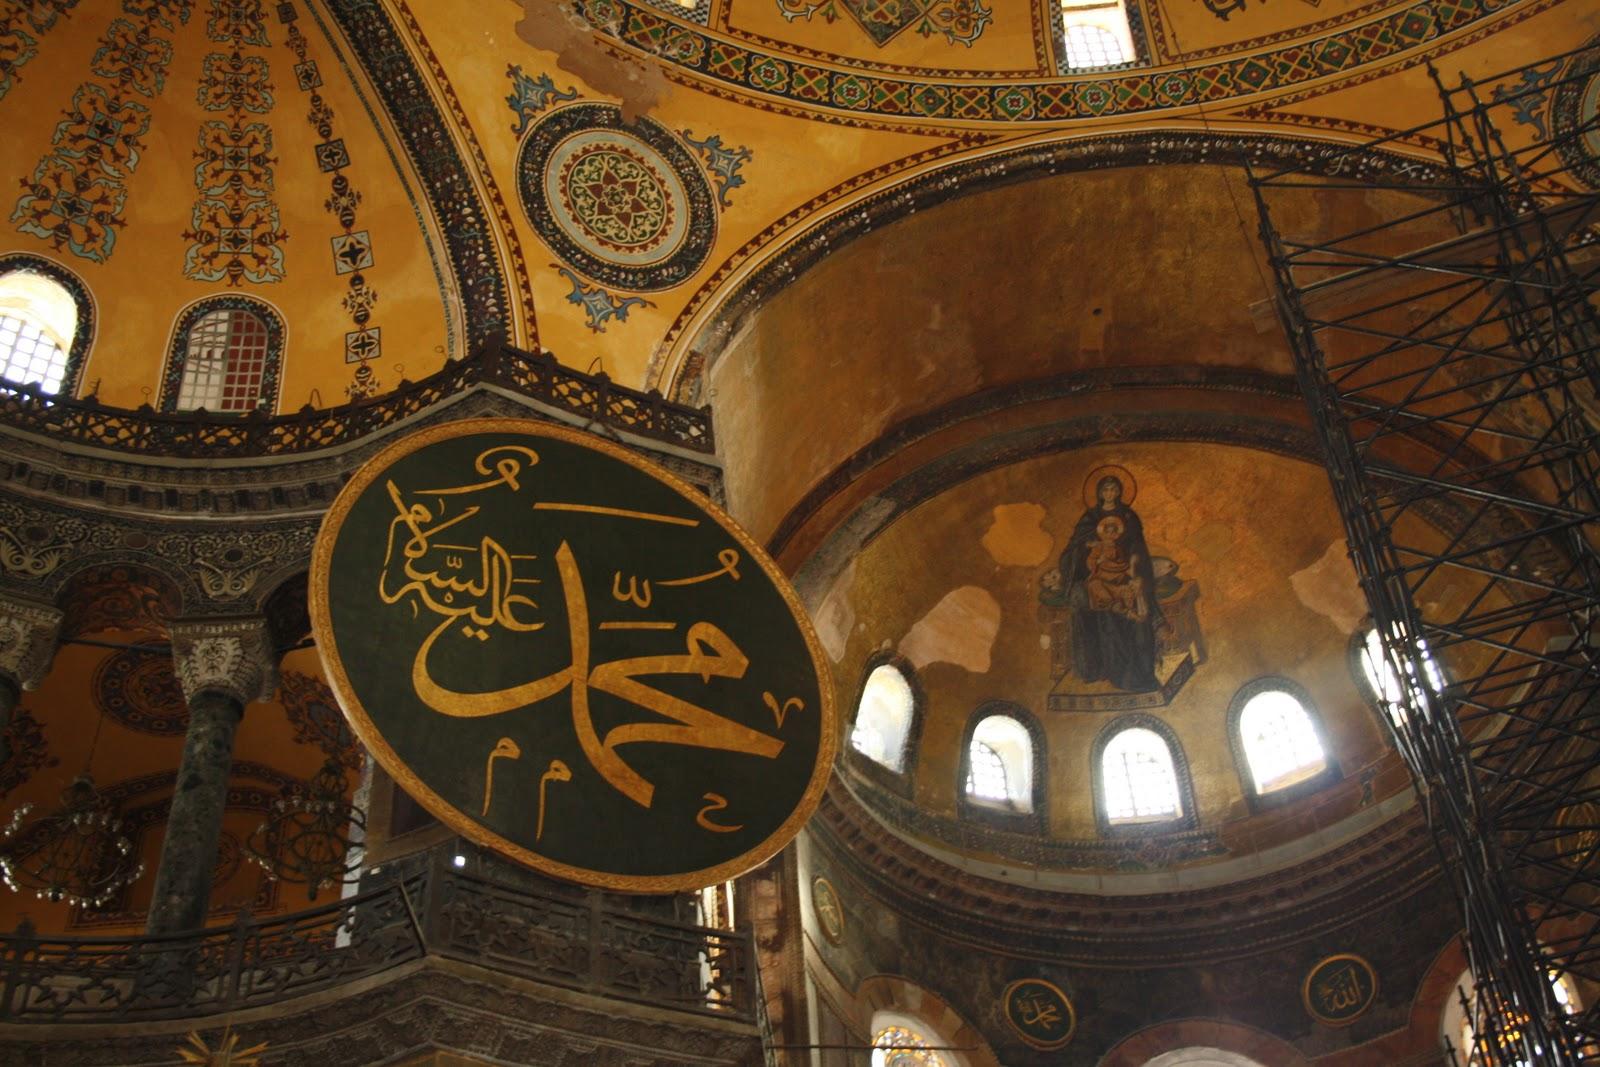 Circumpolar: The Hagia Sophia and the Nature of Islam